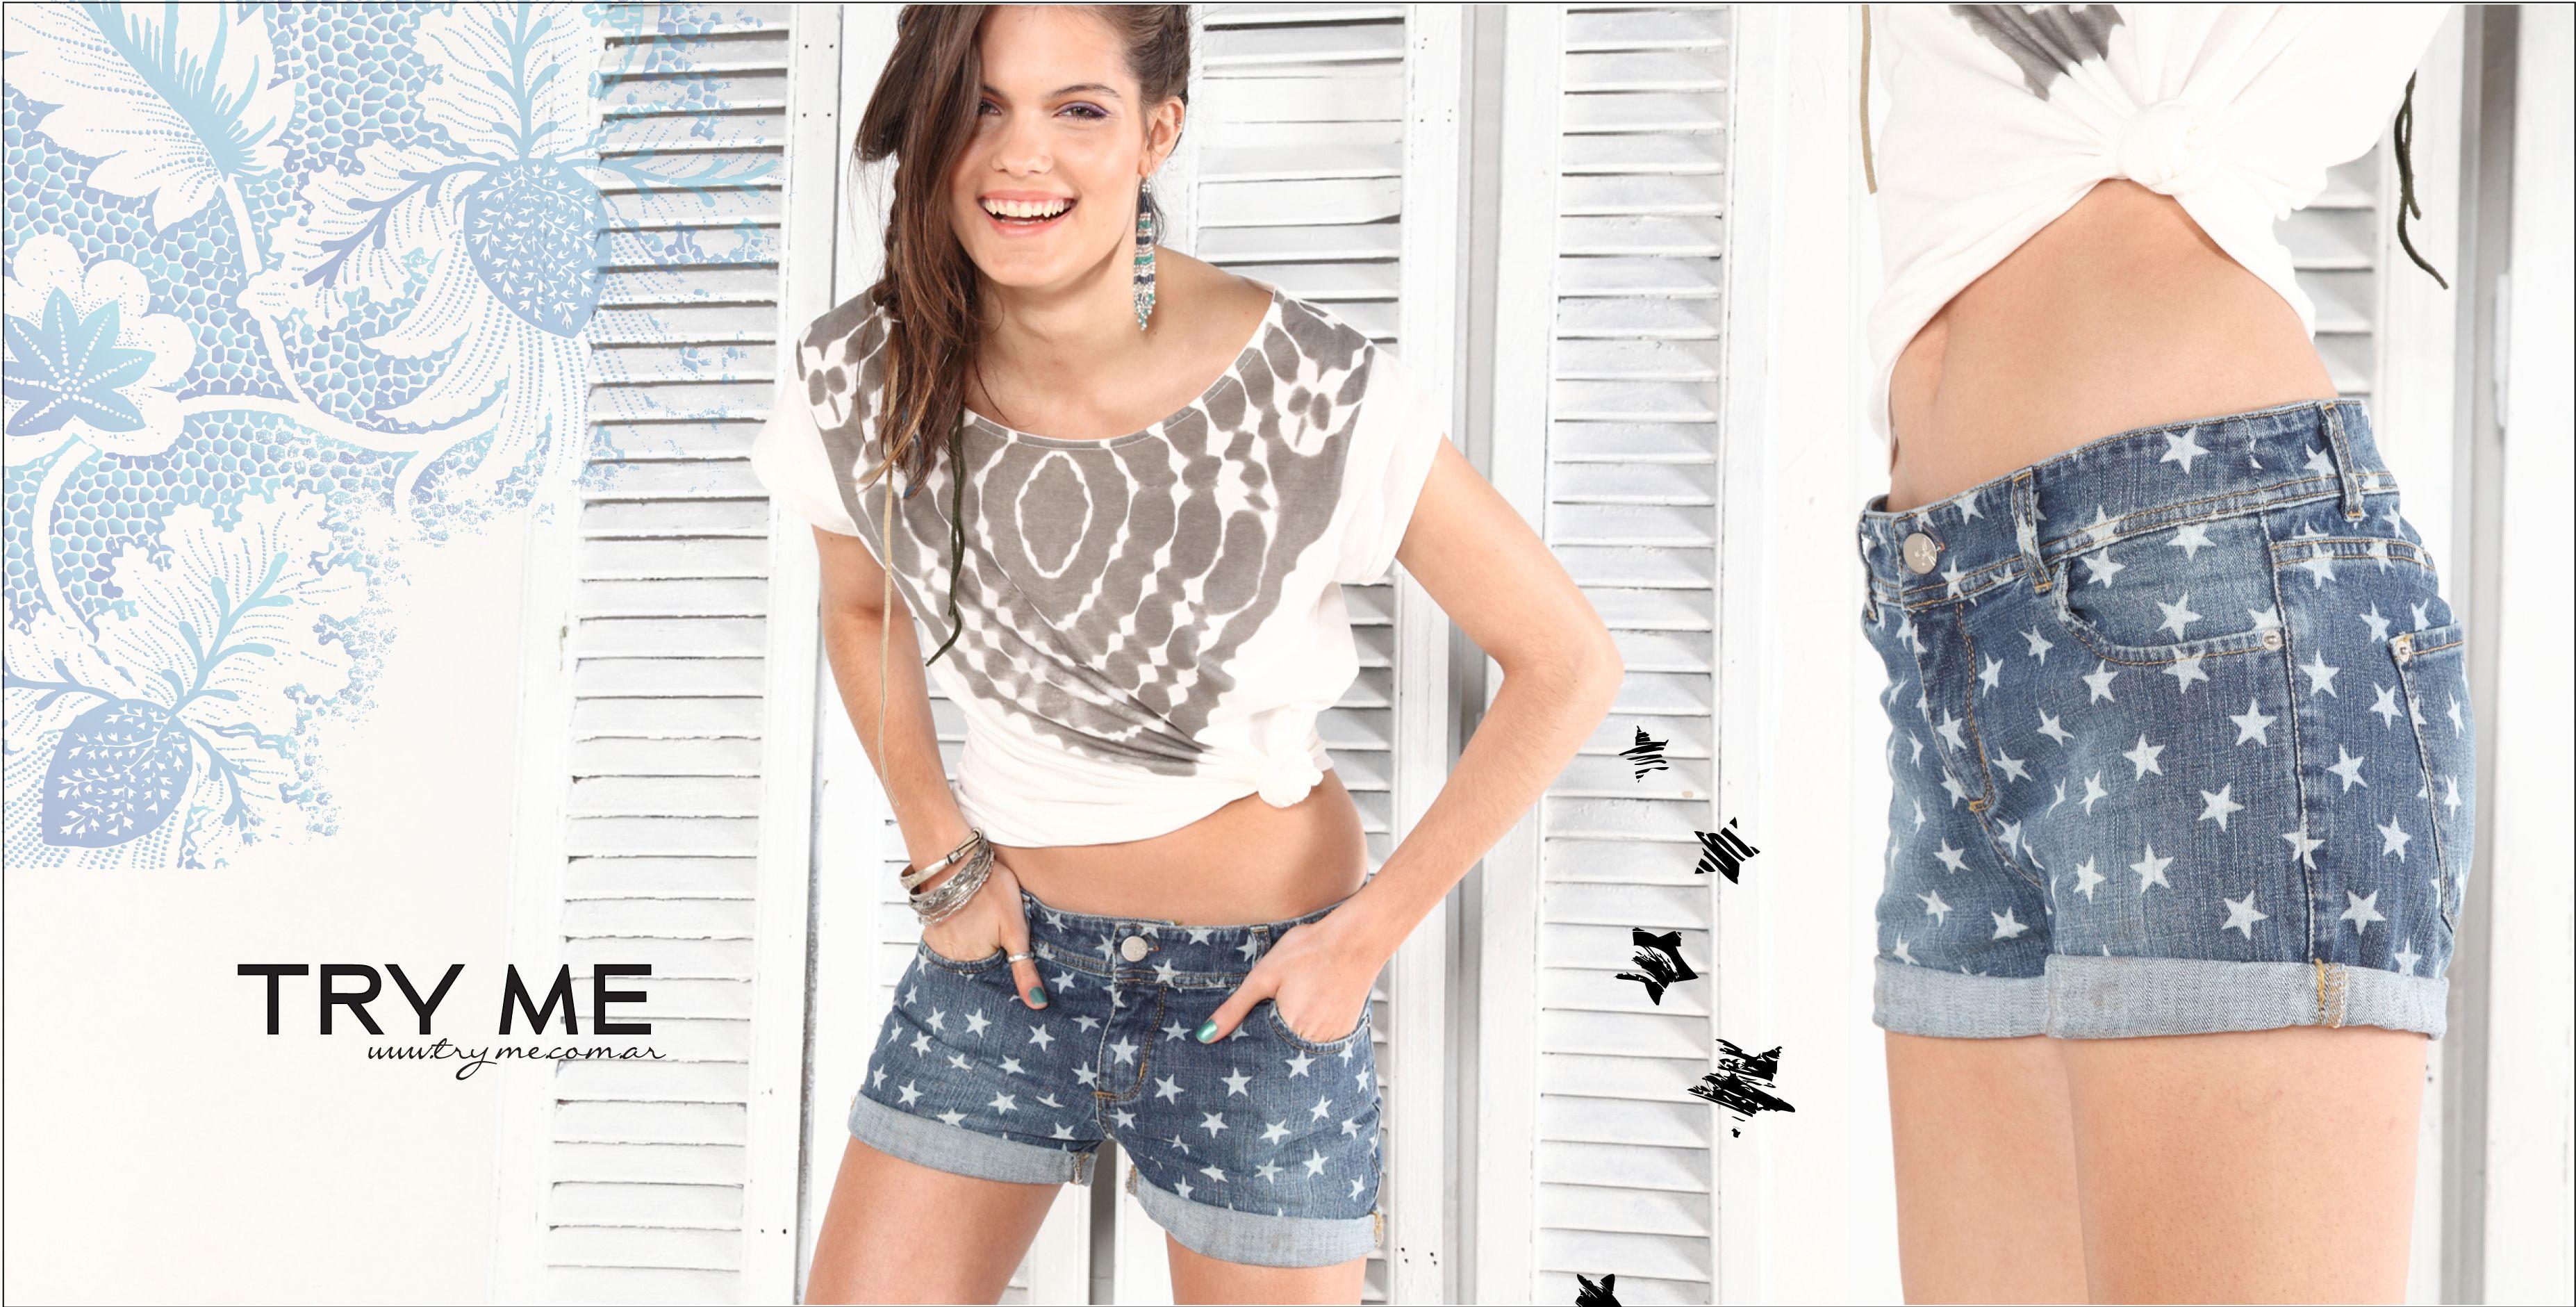 Campaña Primavera Verano 2014 #life is #summer #modaargentina #trendy #verano2014